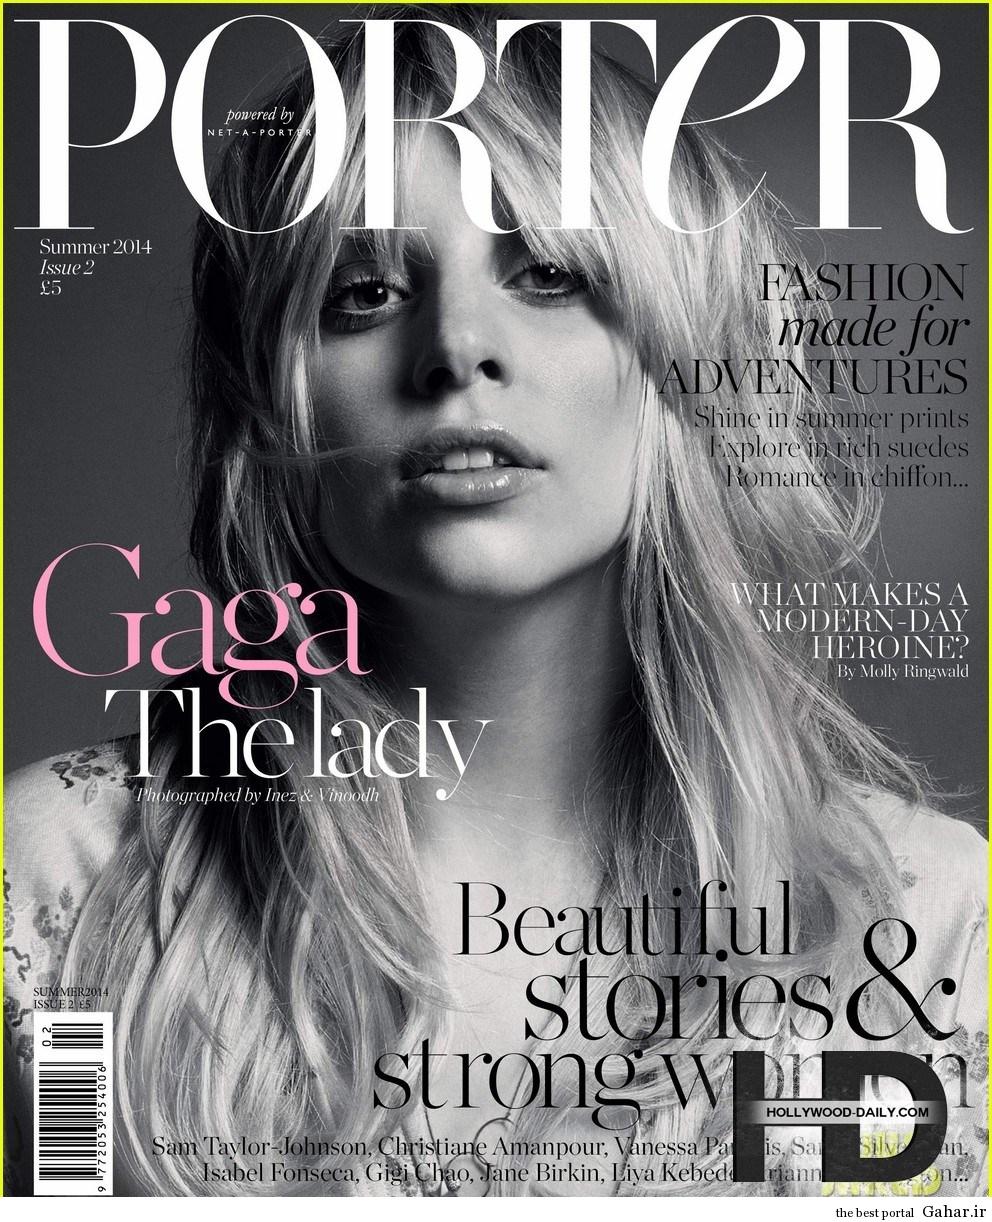 فتوشات های جدید لیدی گاگا برای مجله ی Porter, جدید 1400 -گهر